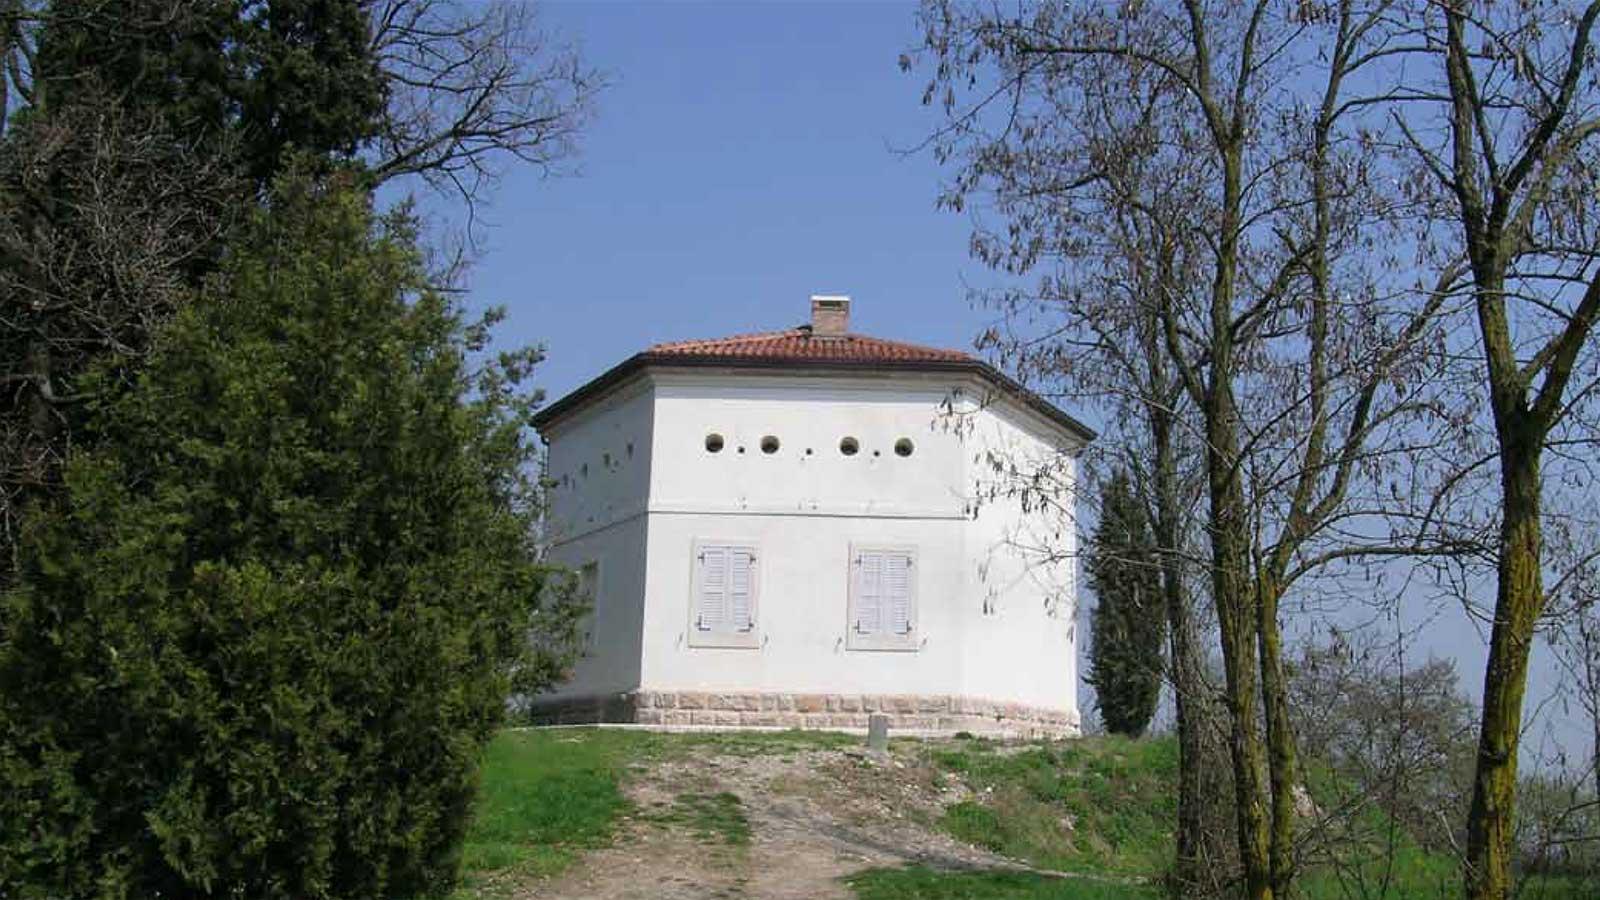 Costruzioni Tieni 1836 Srl | Restauro Telegrafo ottico di Pastrengo